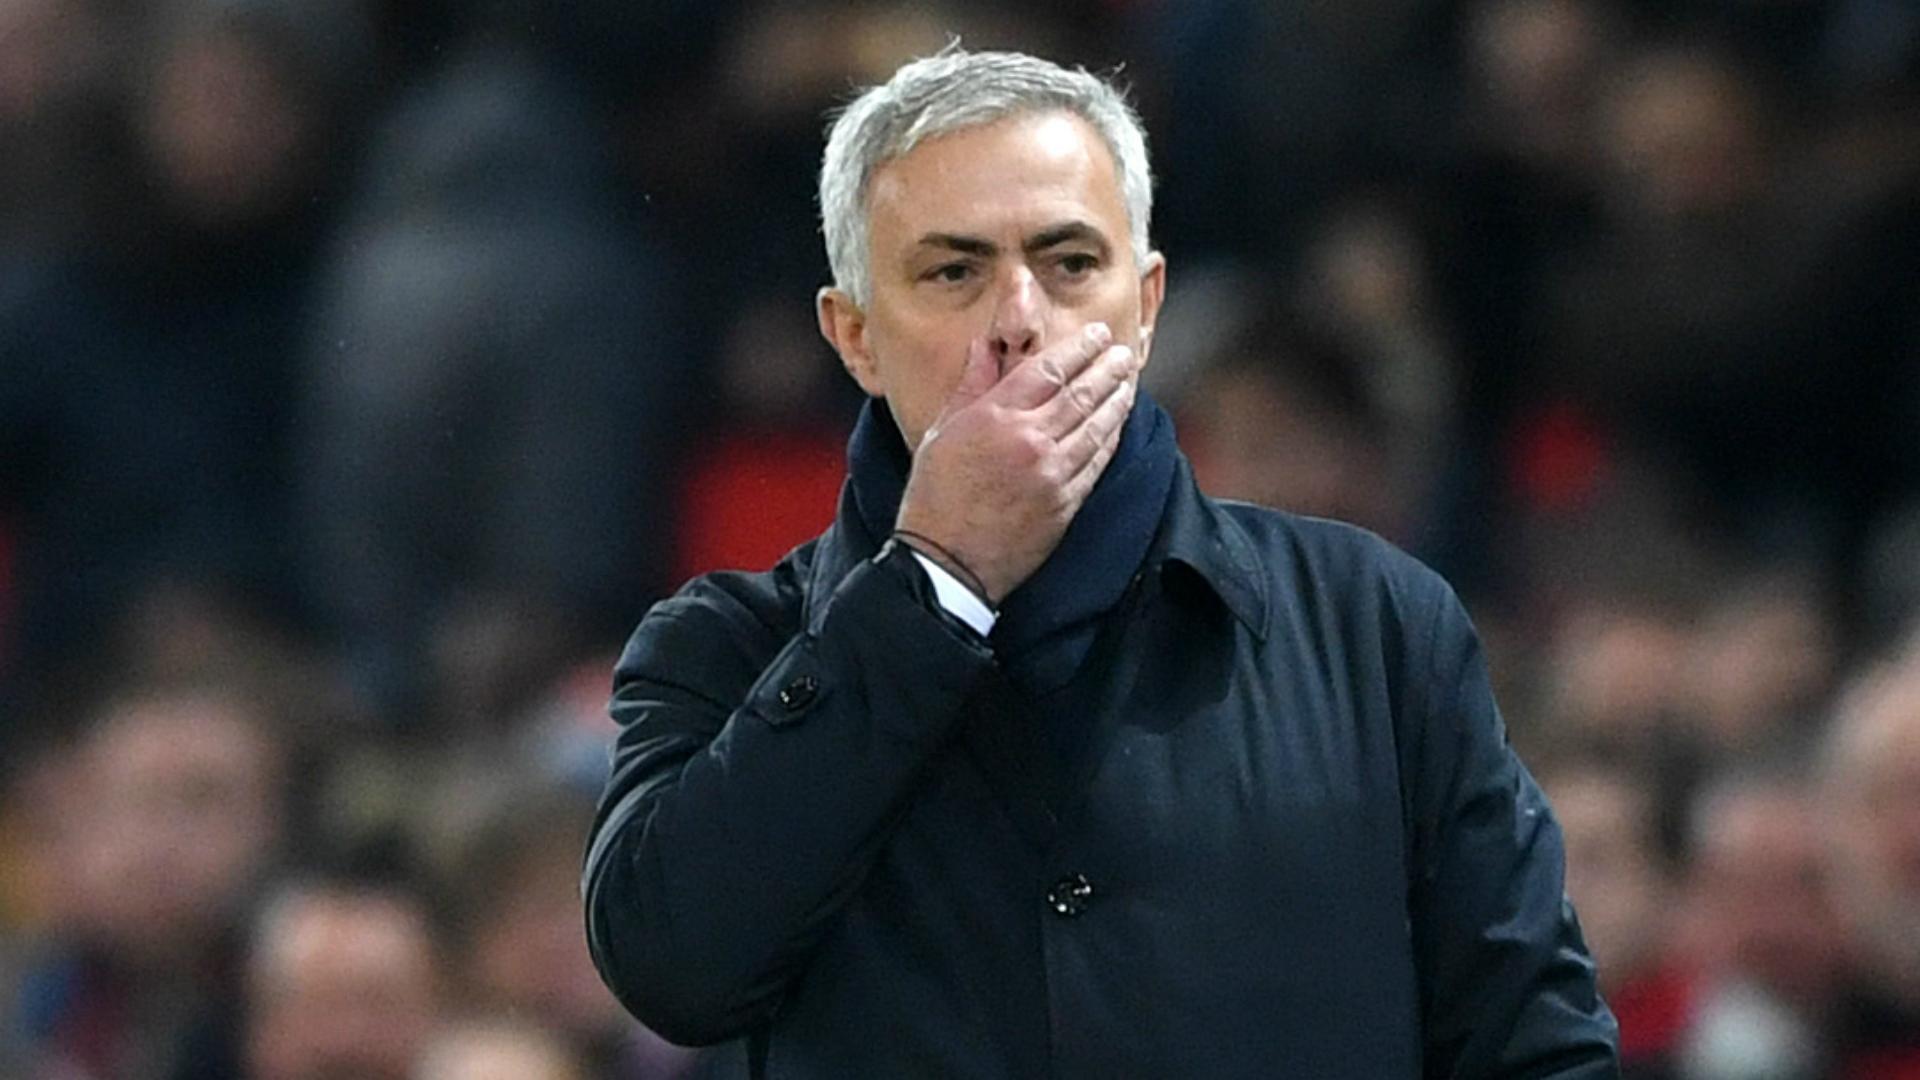 Mourinho: Man Utd deserved to beat Tottenham